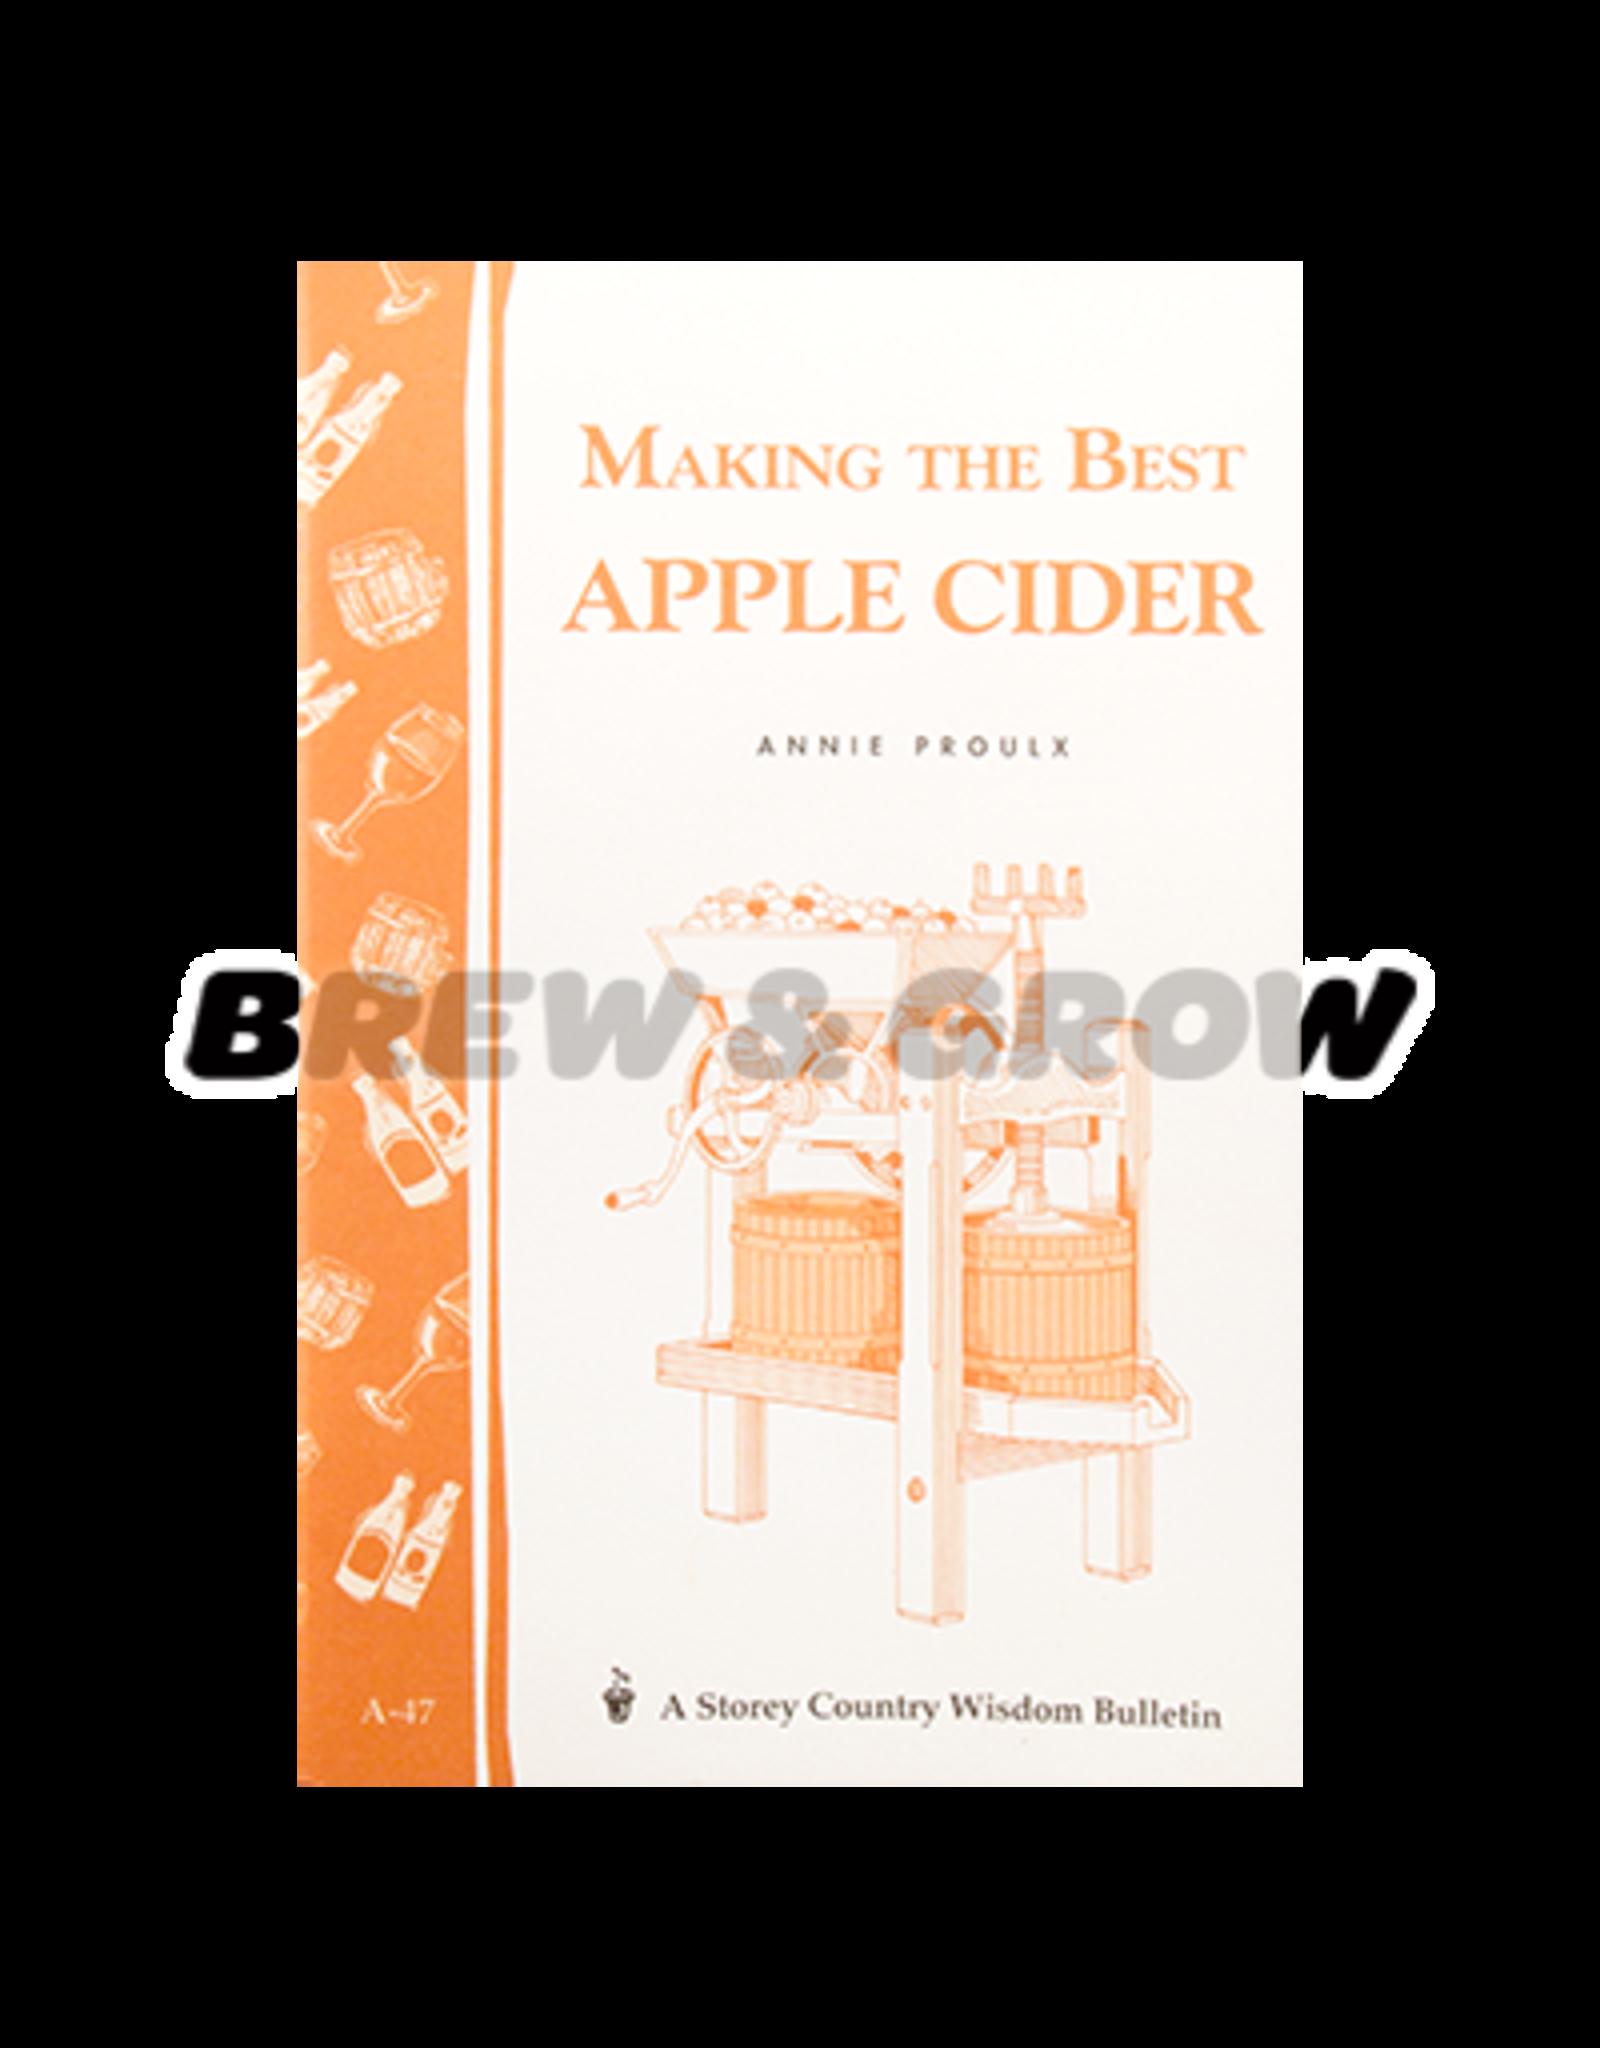 Making The Best Apple Cider (Garden Way)